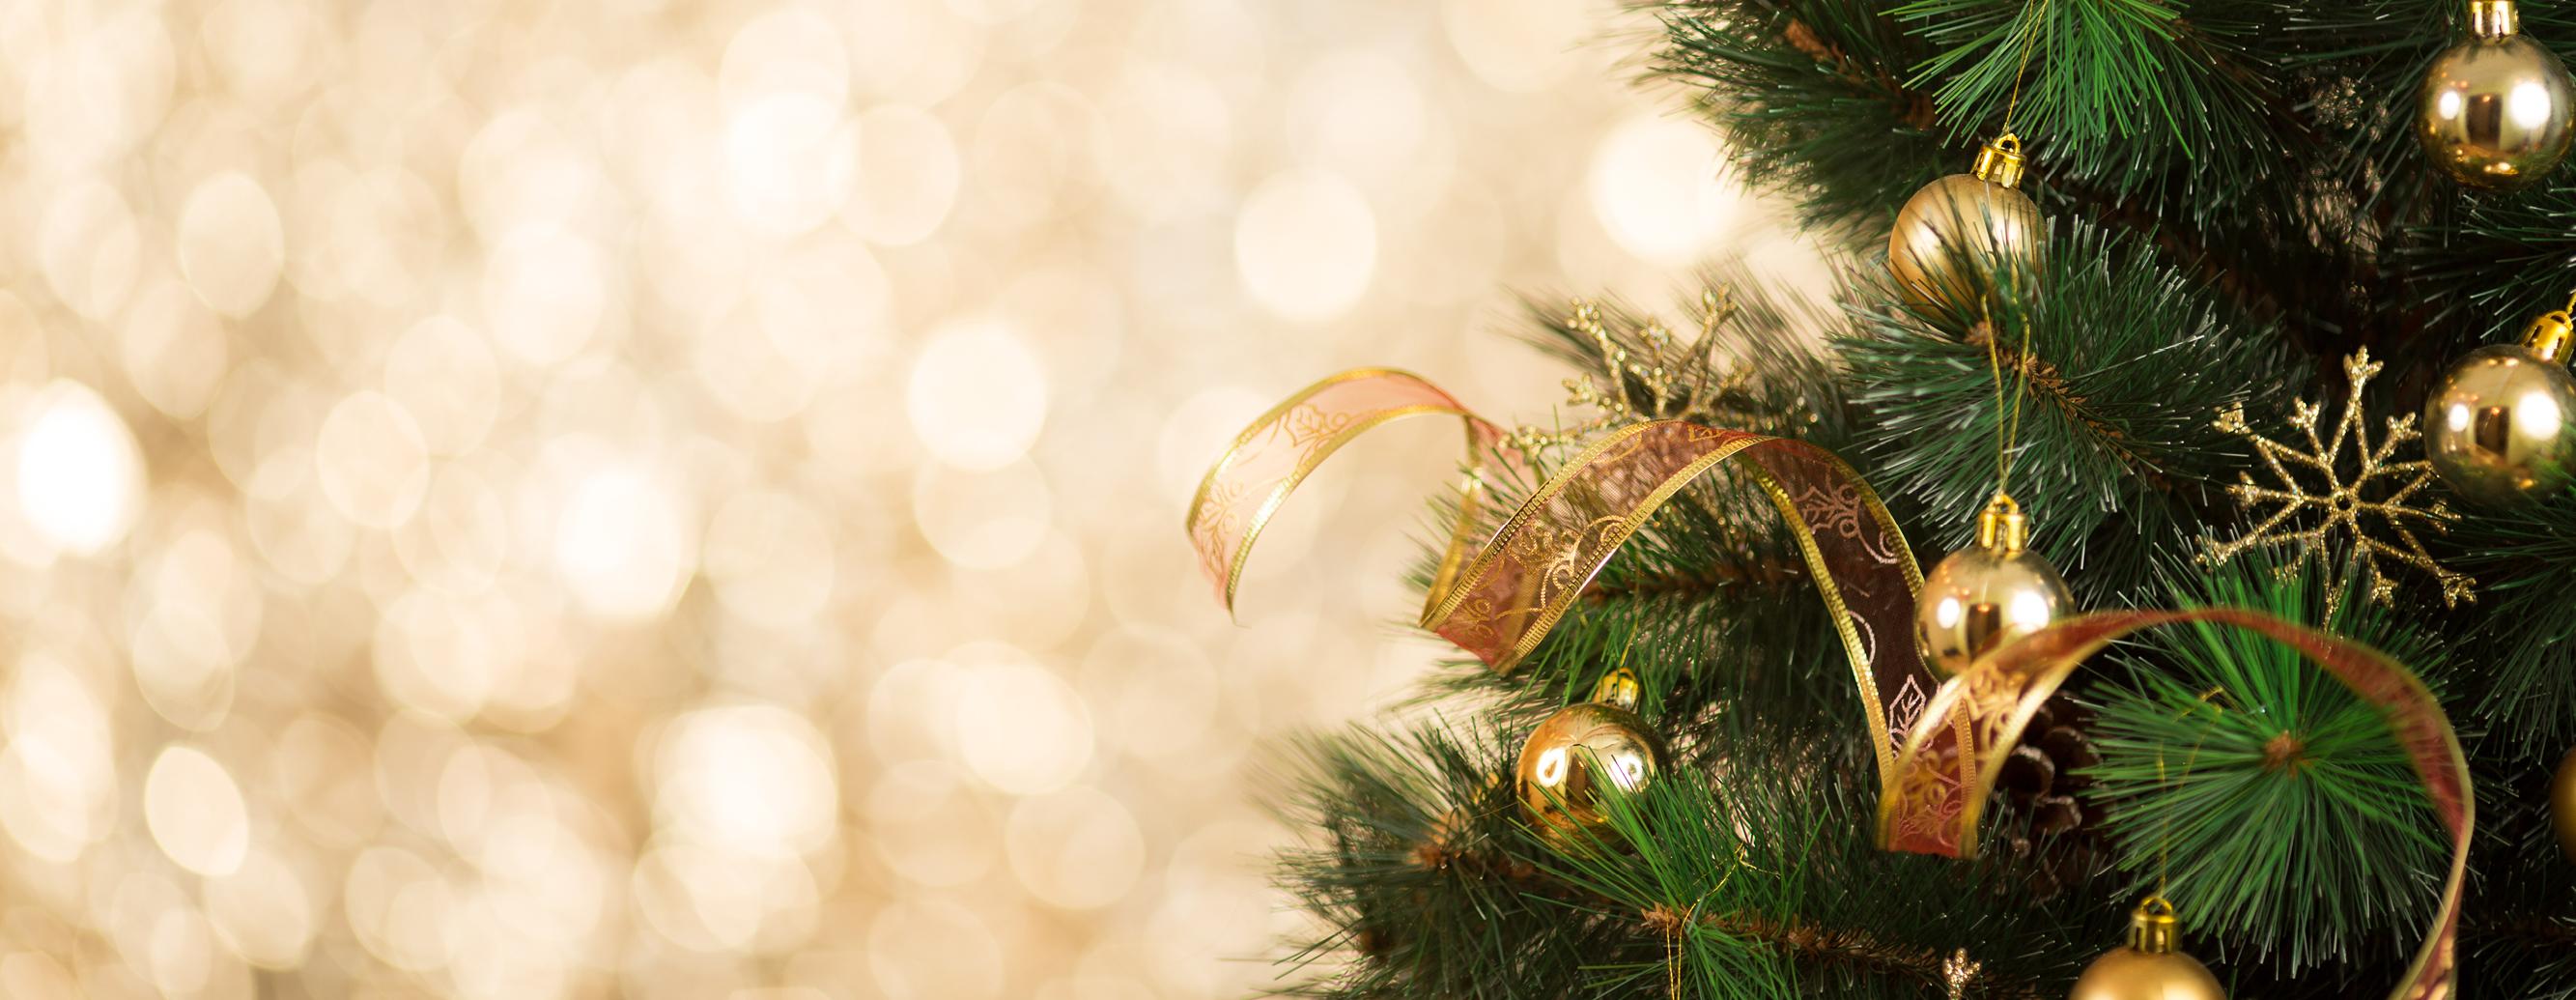 Let op, aangepaste levertijden rond de feestdagen